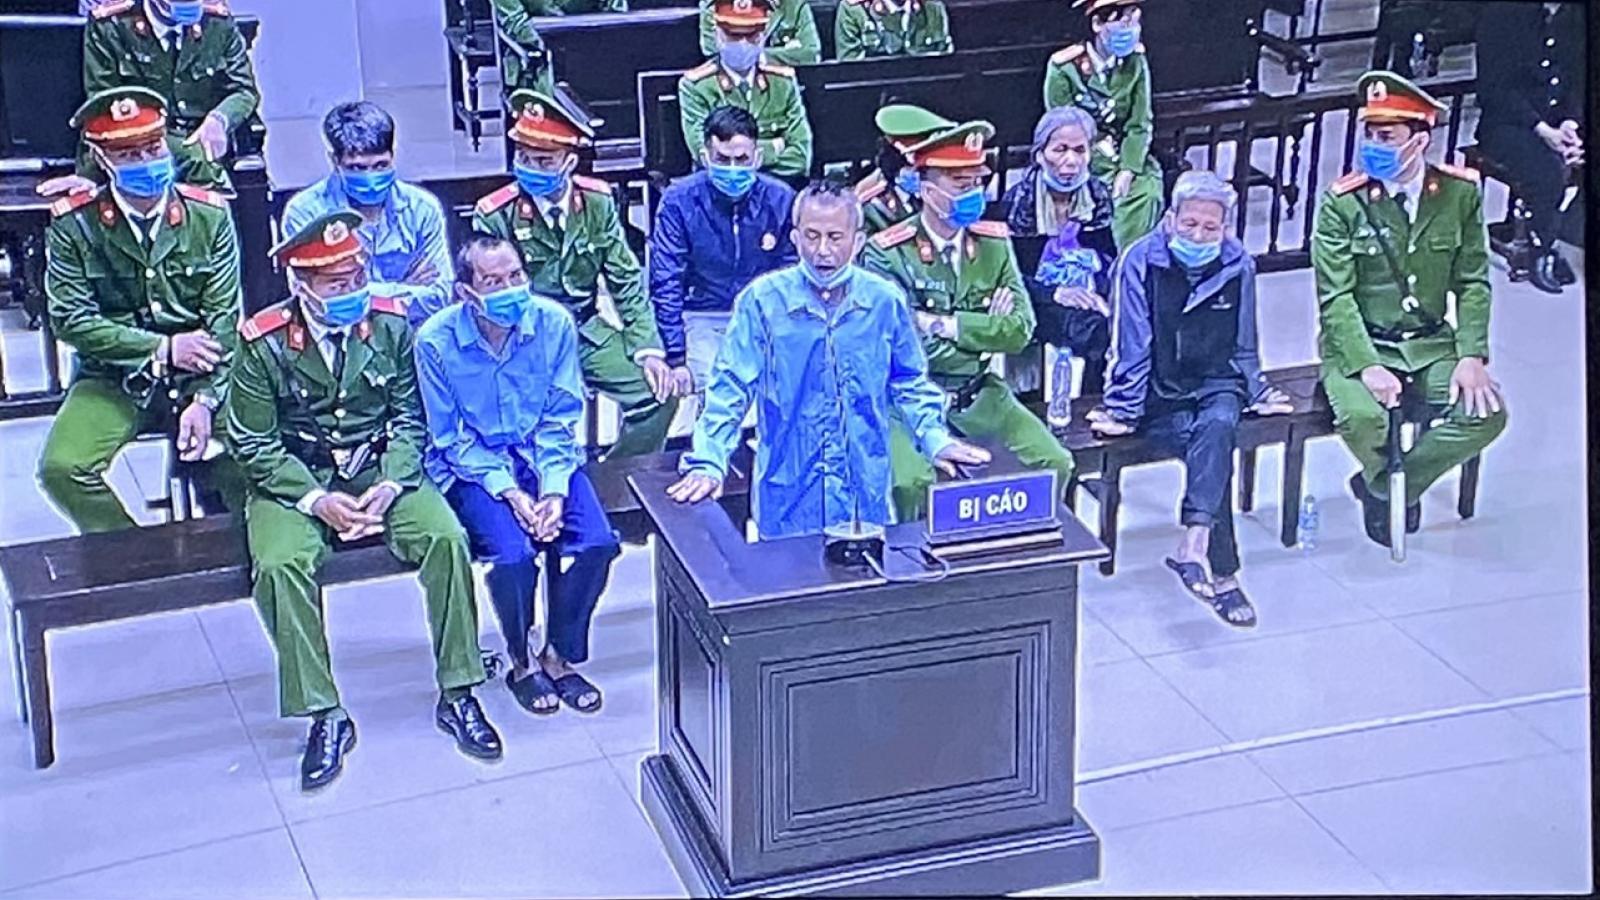 Xử vụ Đồng Tâm: Lê Đình Công thừa nhận nhiều lần góp tiền để chống cảnh sát